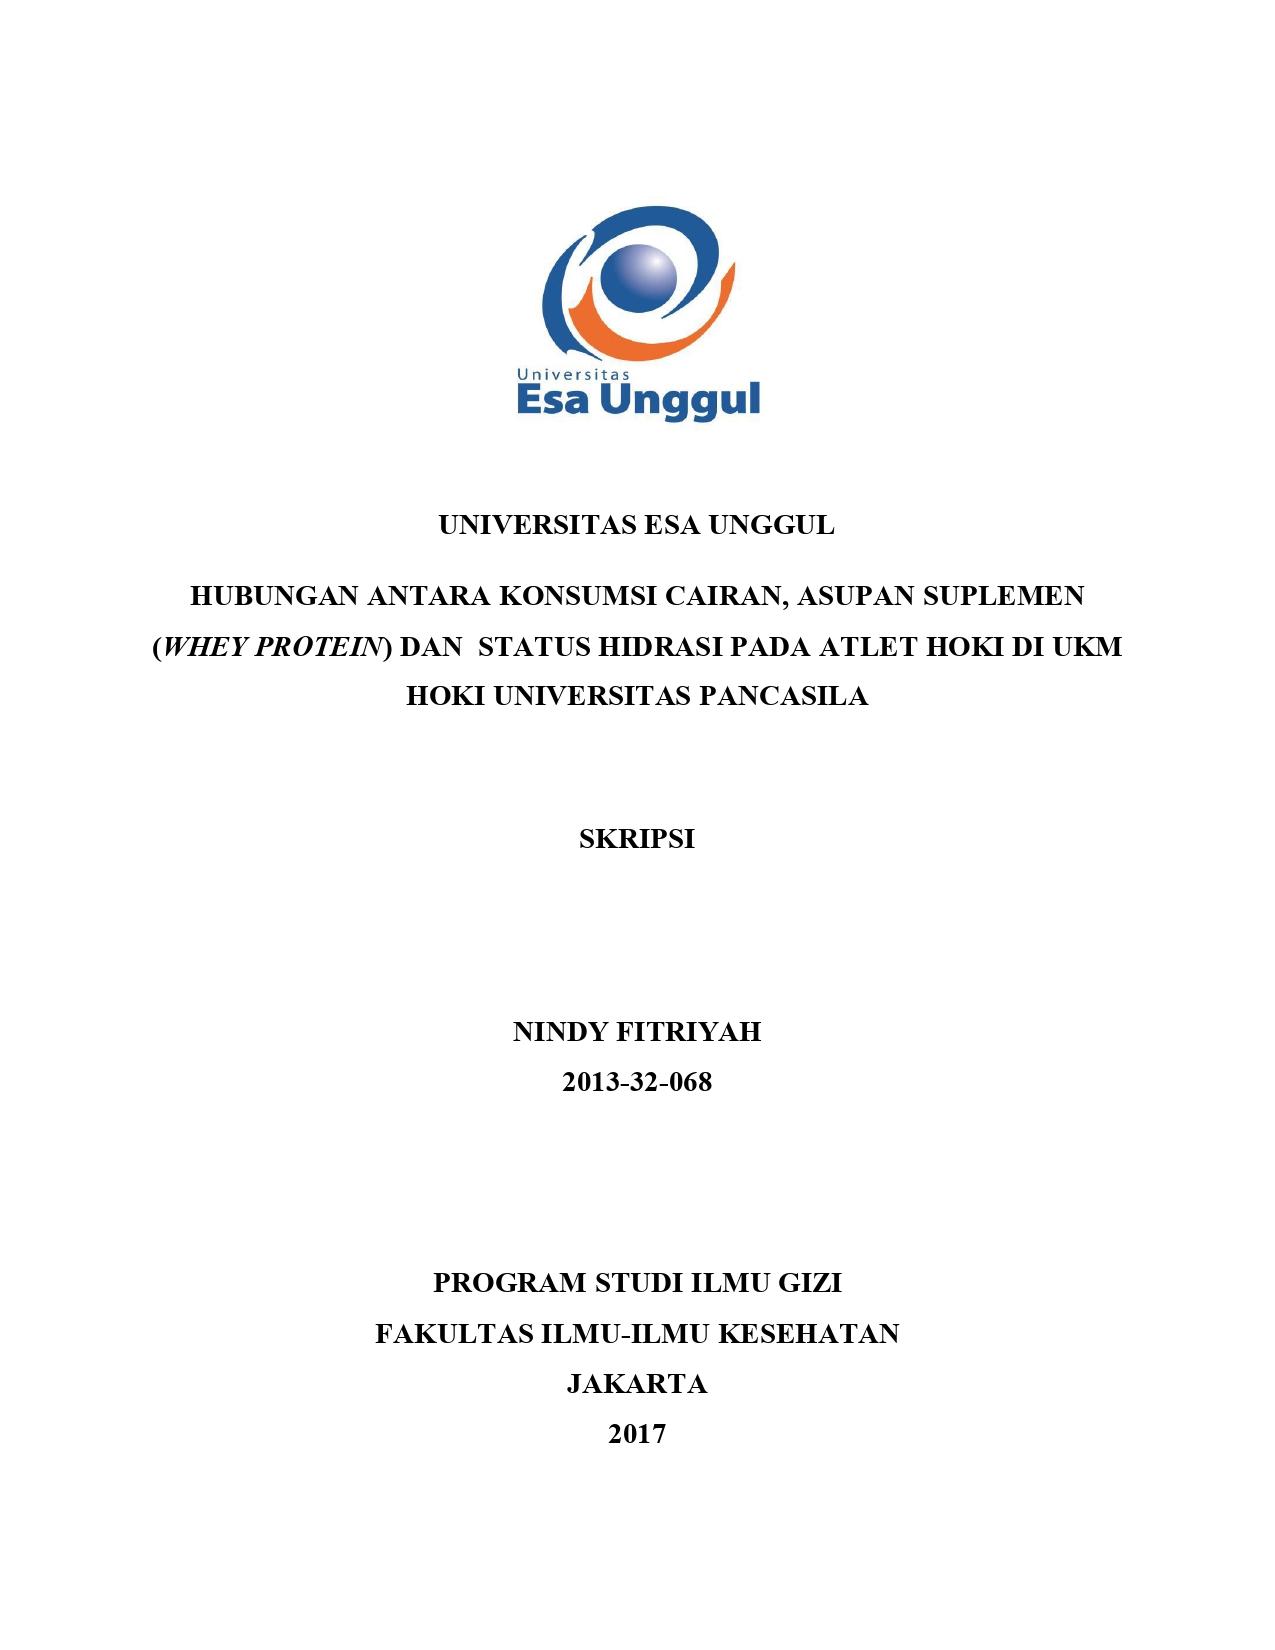 Hubungan Antara Konsumsi Cairan, Asupan Suplemen (Whey Protein) dan Status Hidrasi Pada Atlet Hoki di Ukm Hoki Universitas Pancasila